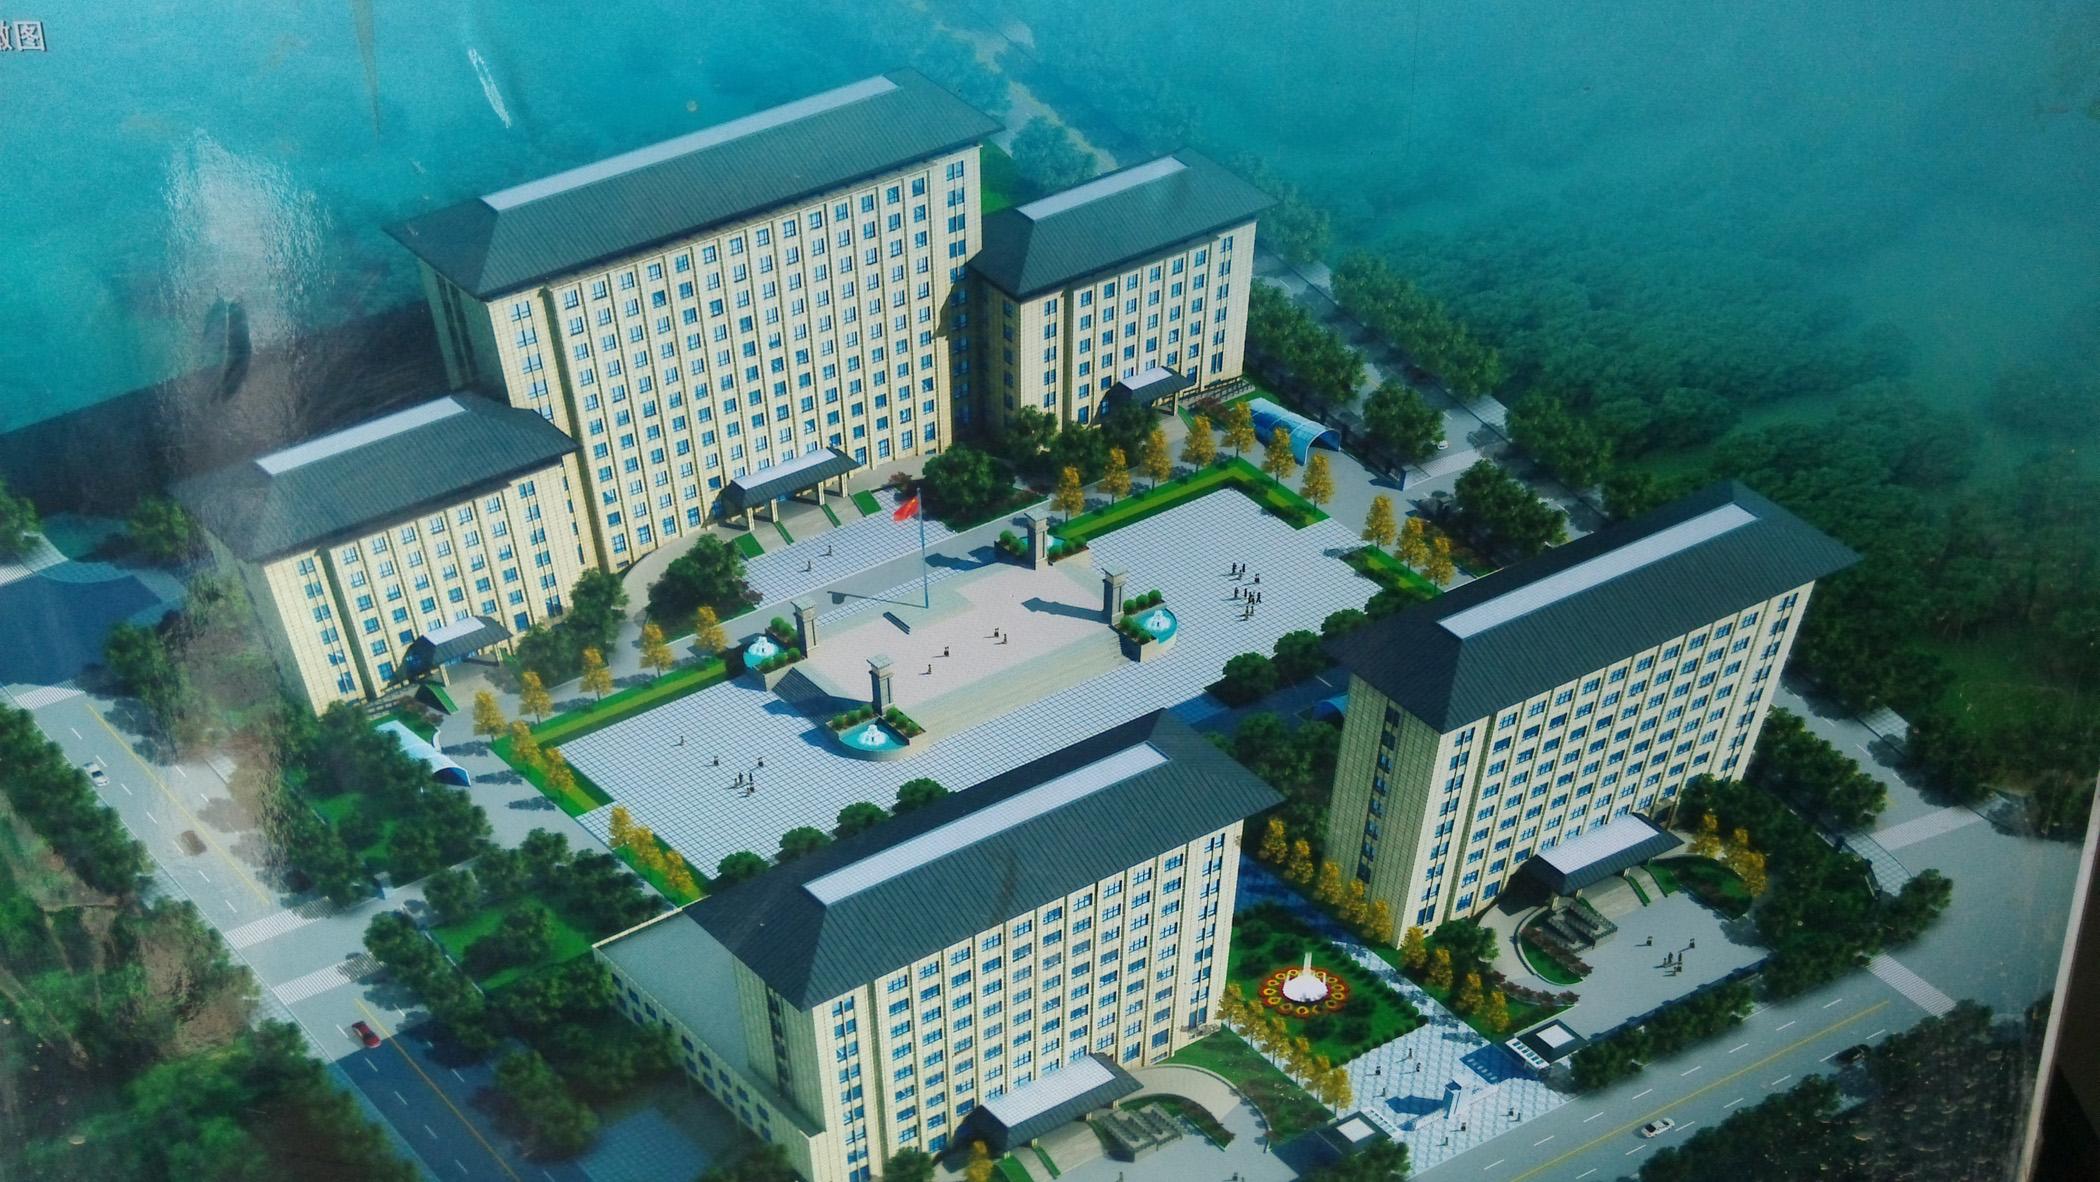 洛南县政法小区(公、检、法、司综合楼) 最高限价